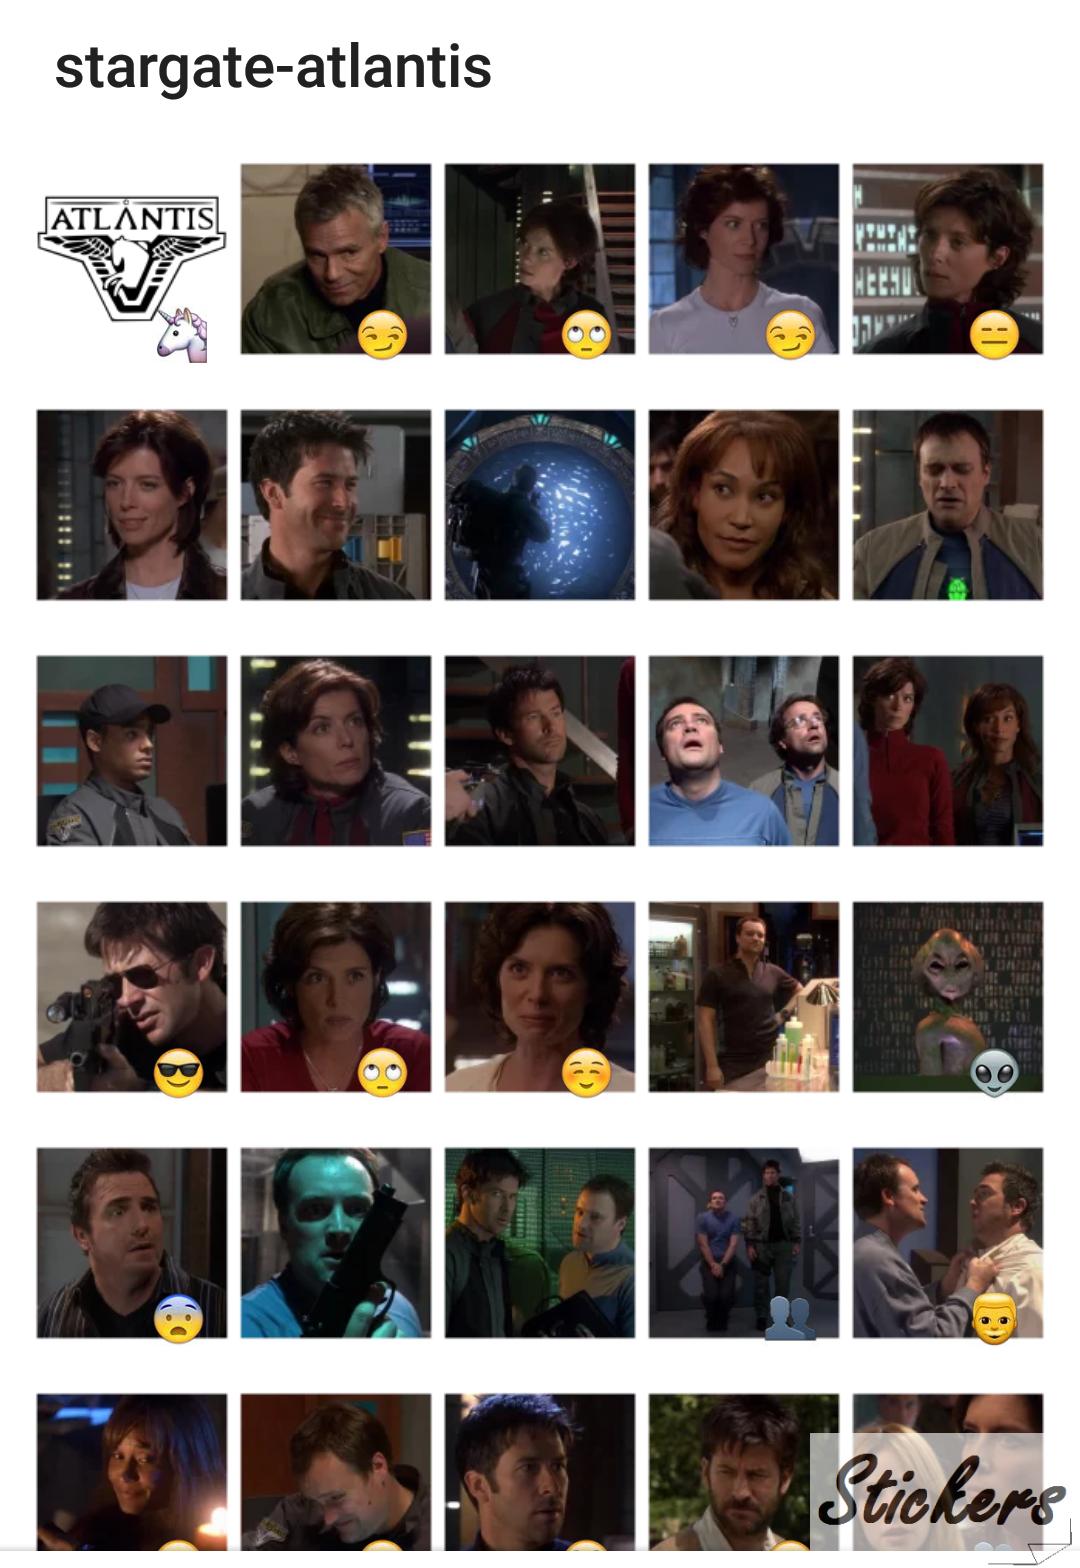 Stargate-atlantis Telegram sticker set